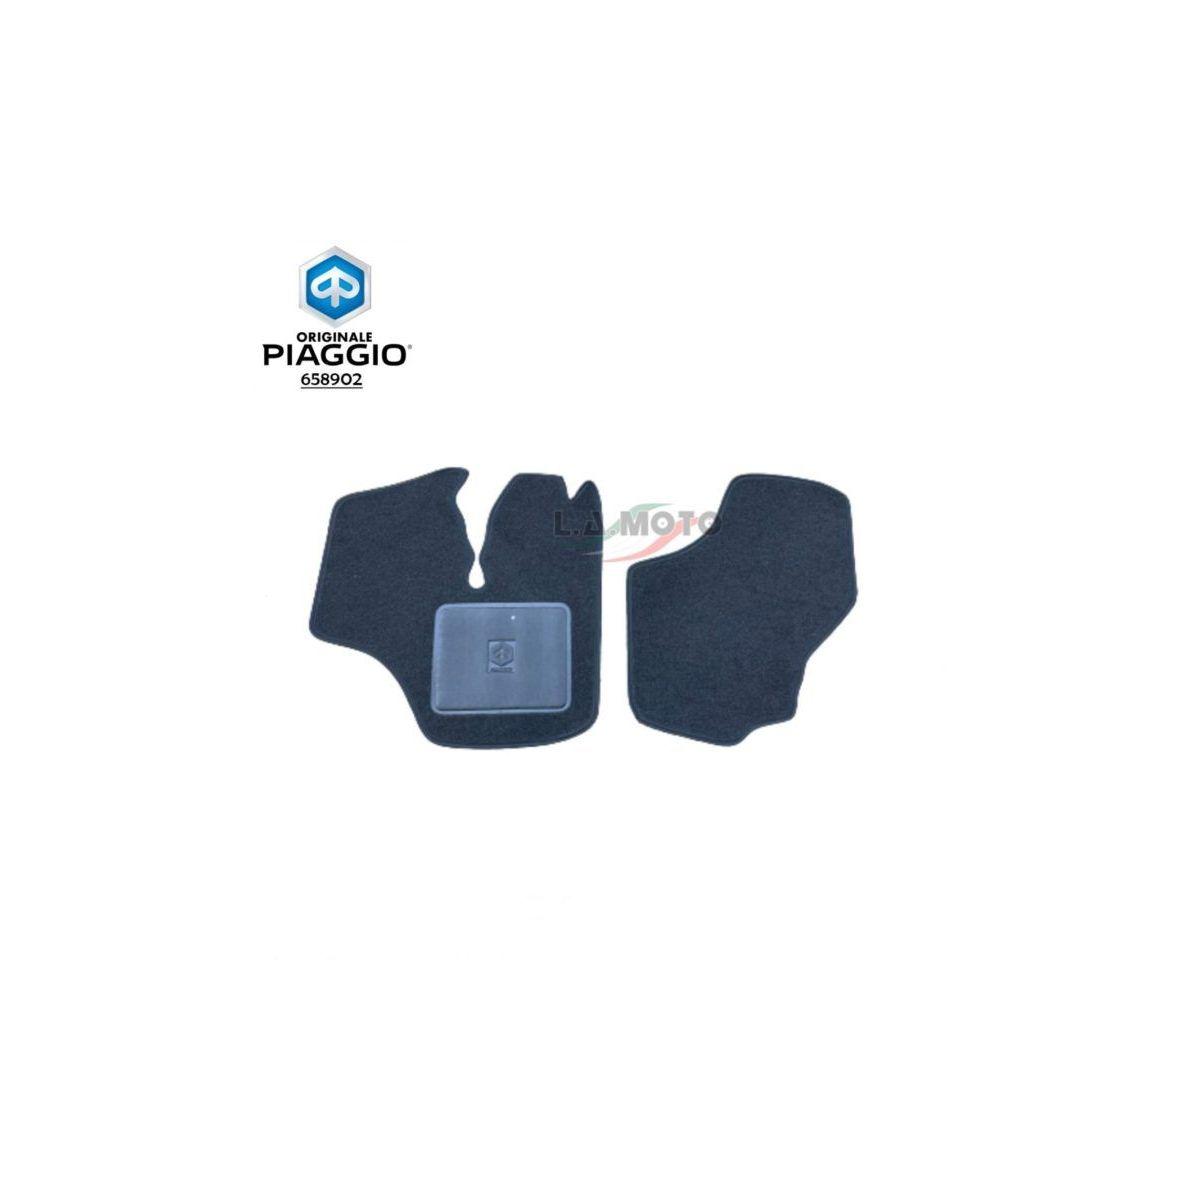 658902 – Coppia tappetini per Piaggio Porter originale Piaggio